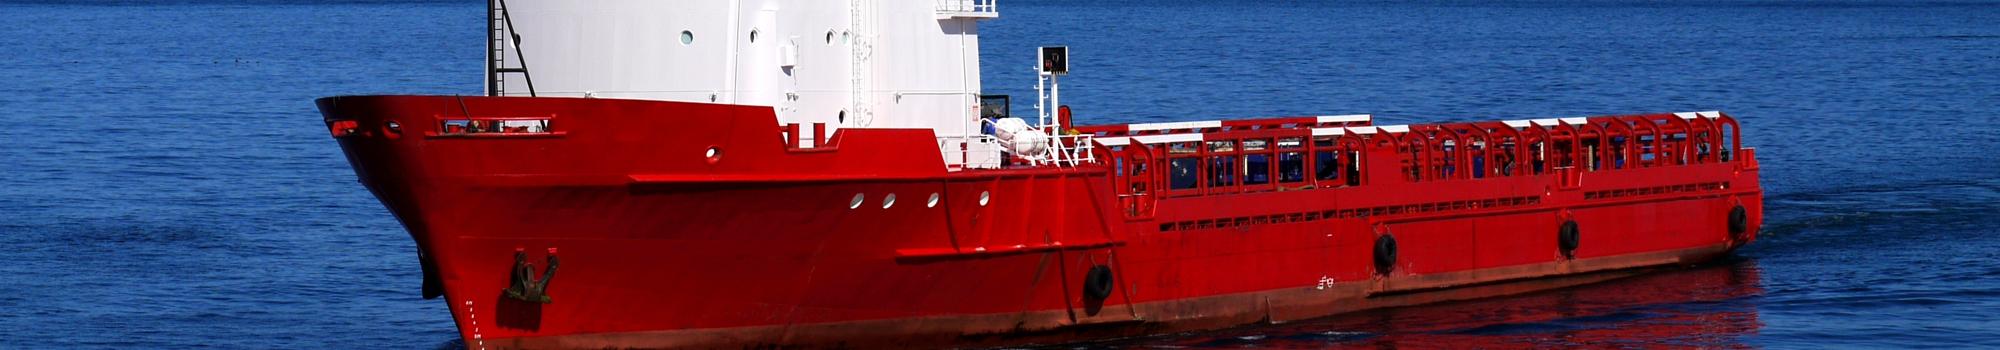 ships-2000-02